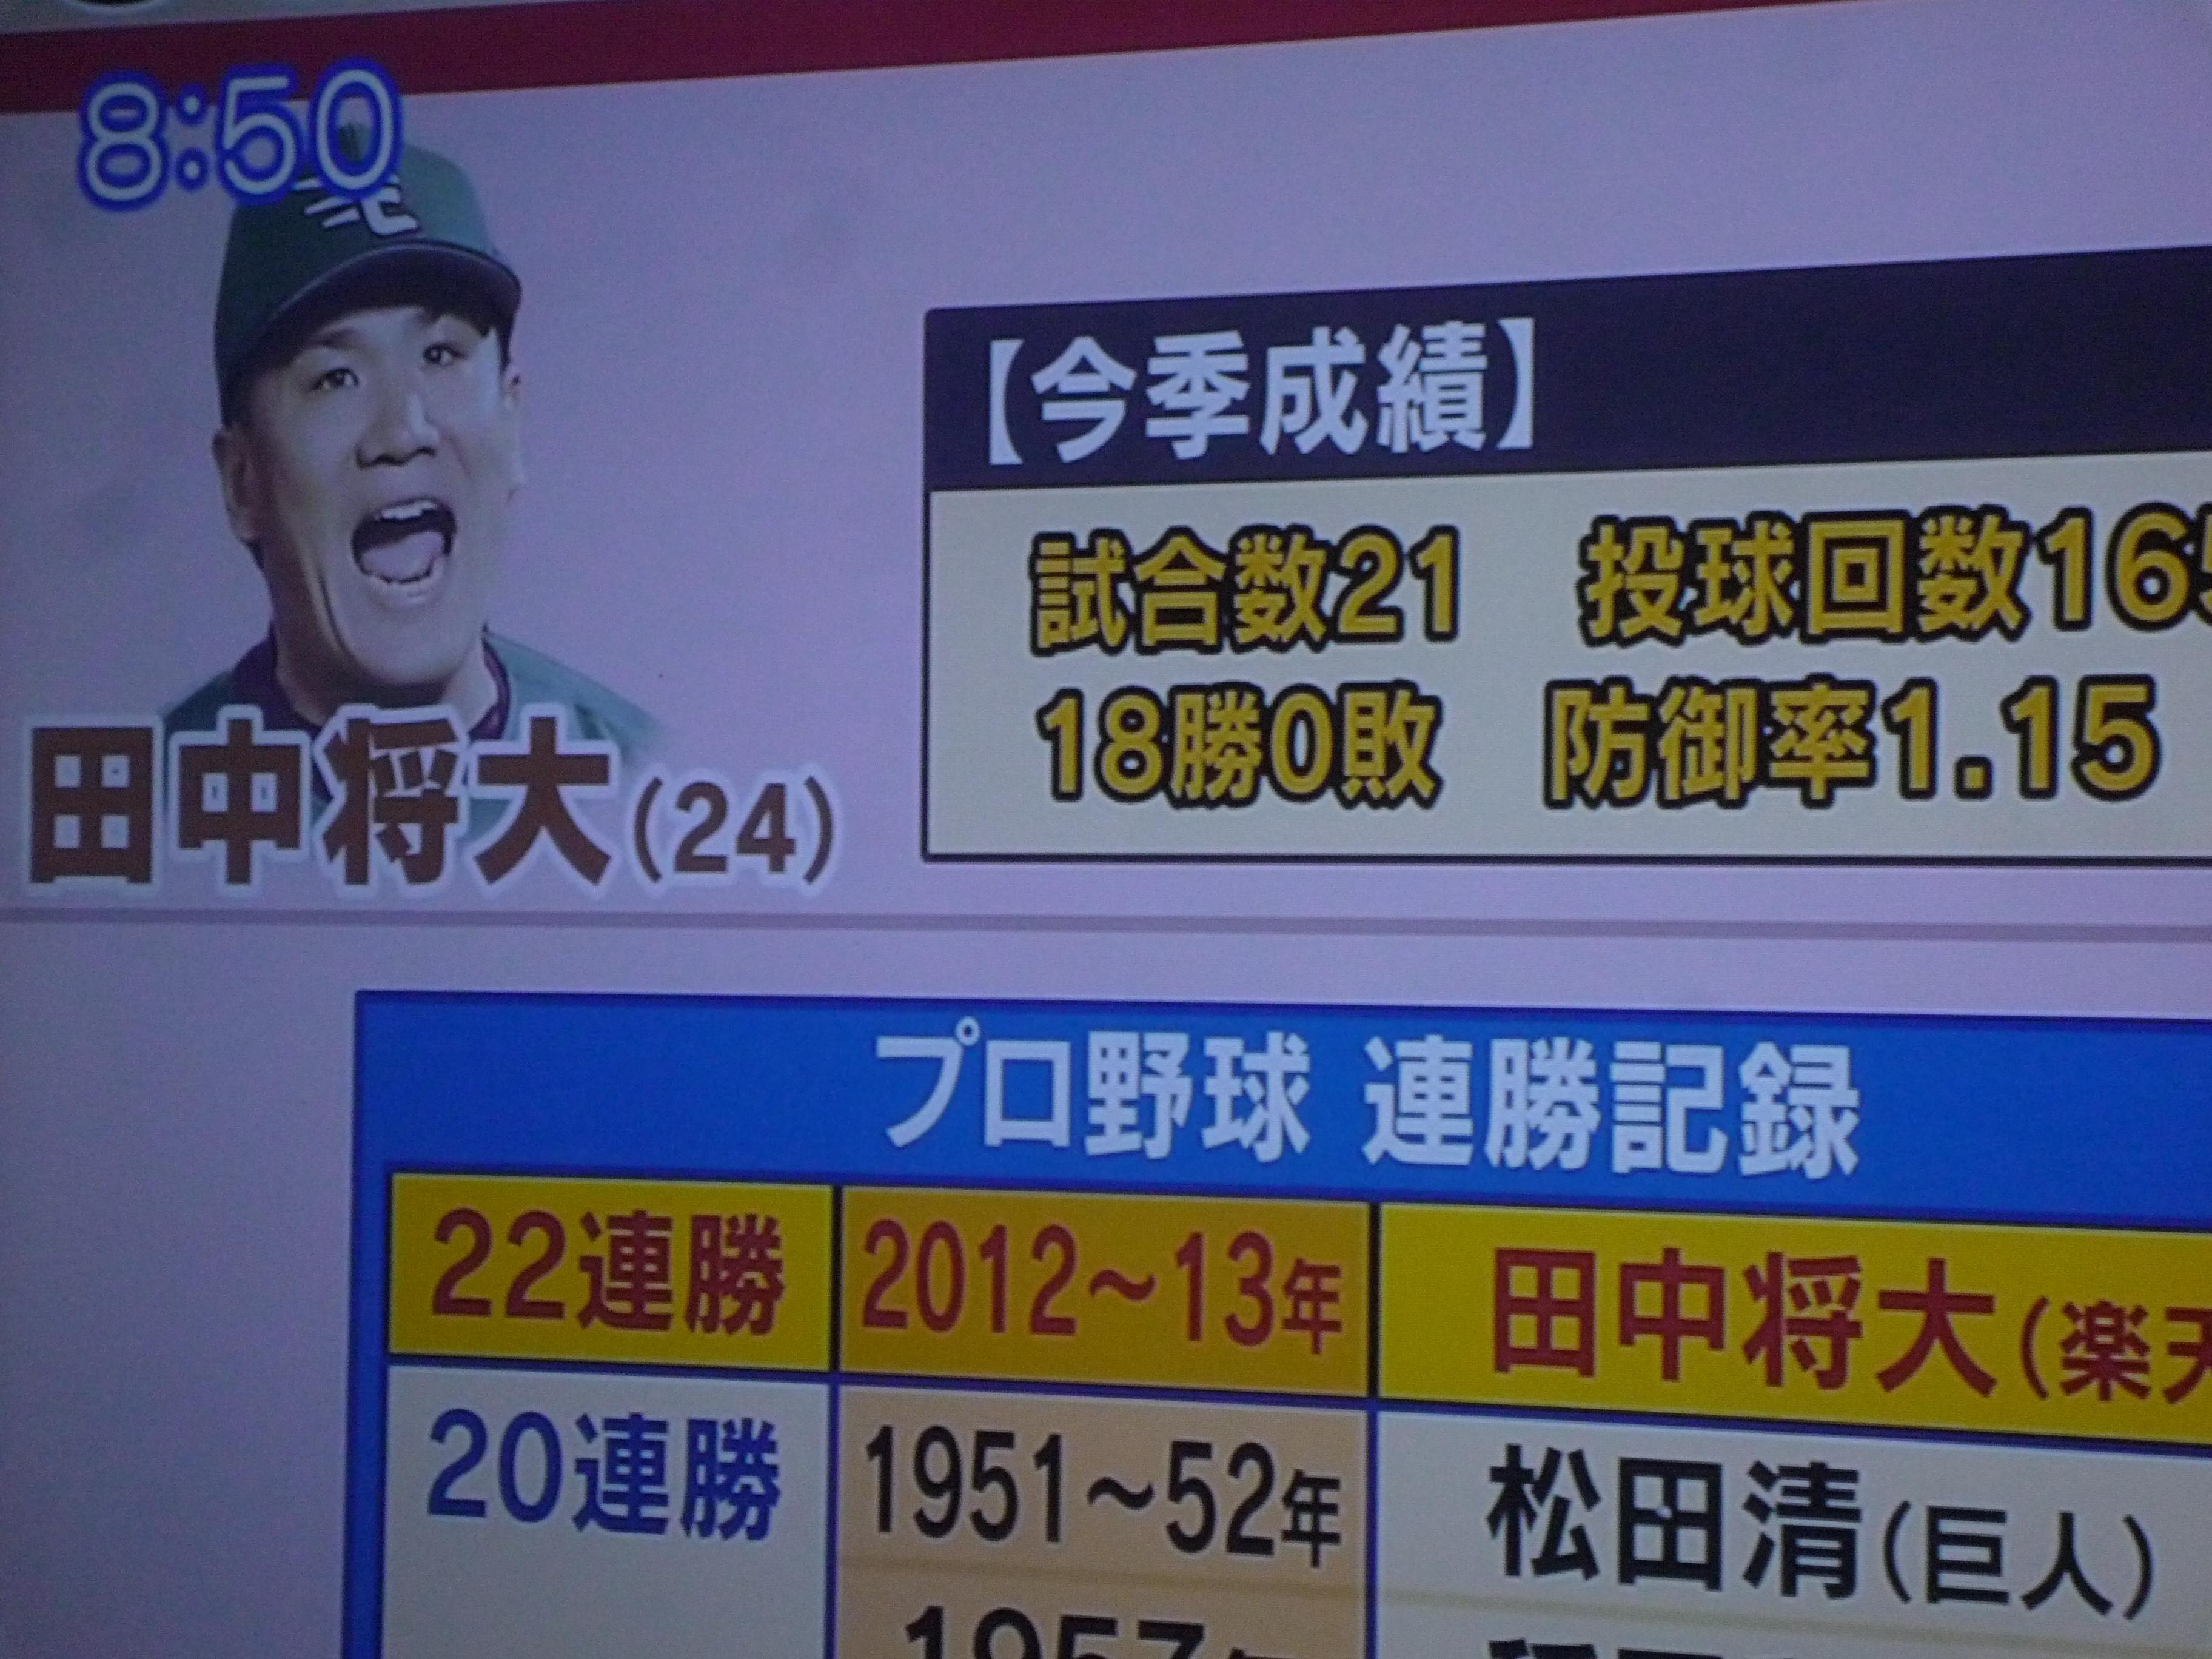 田中将大投手の連勝が凄い!